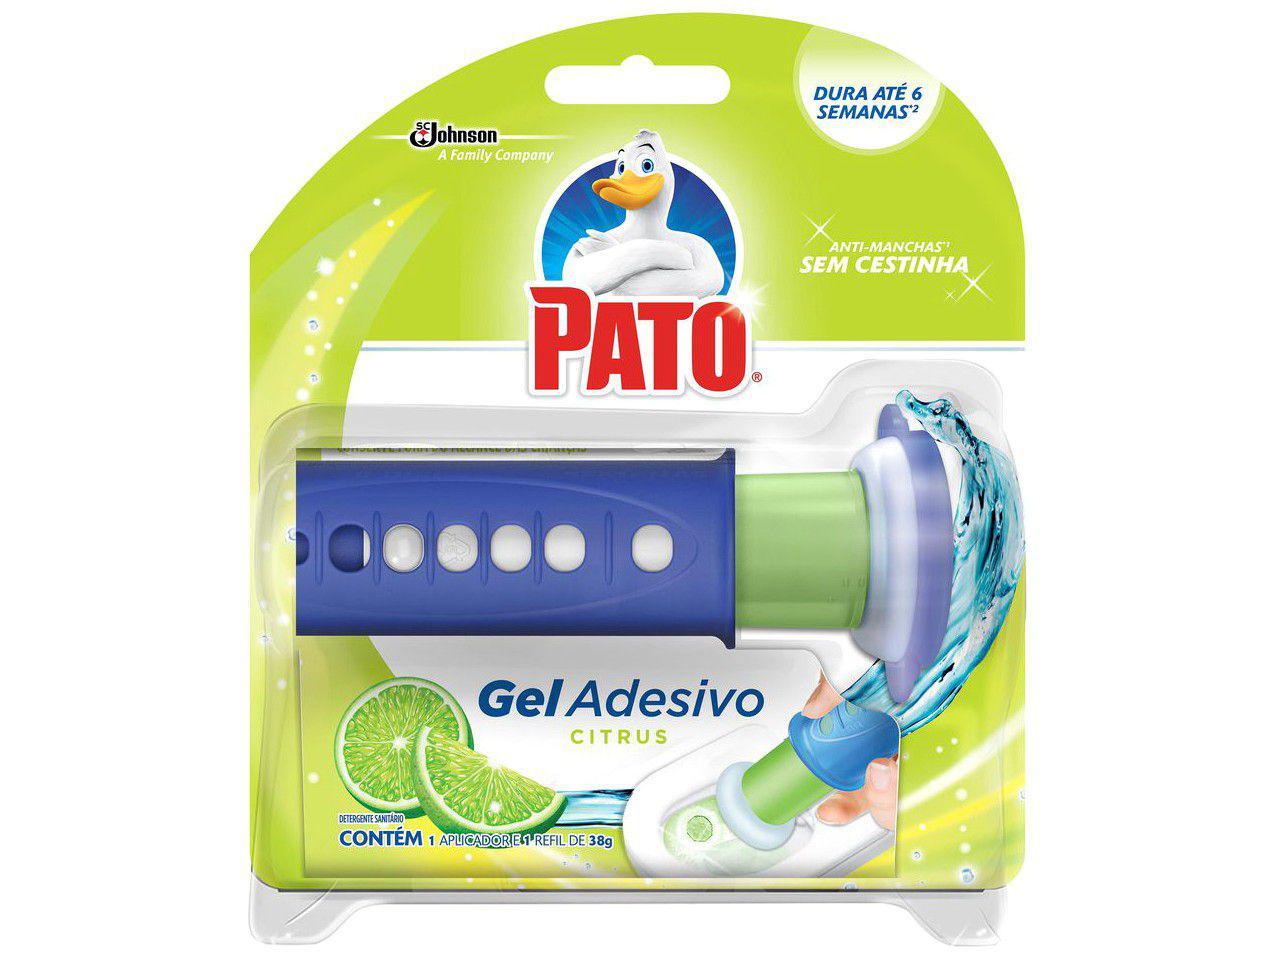 Desodorizador Sanitário Gel Adesivo com Aplicador - Pato Citrus 38g